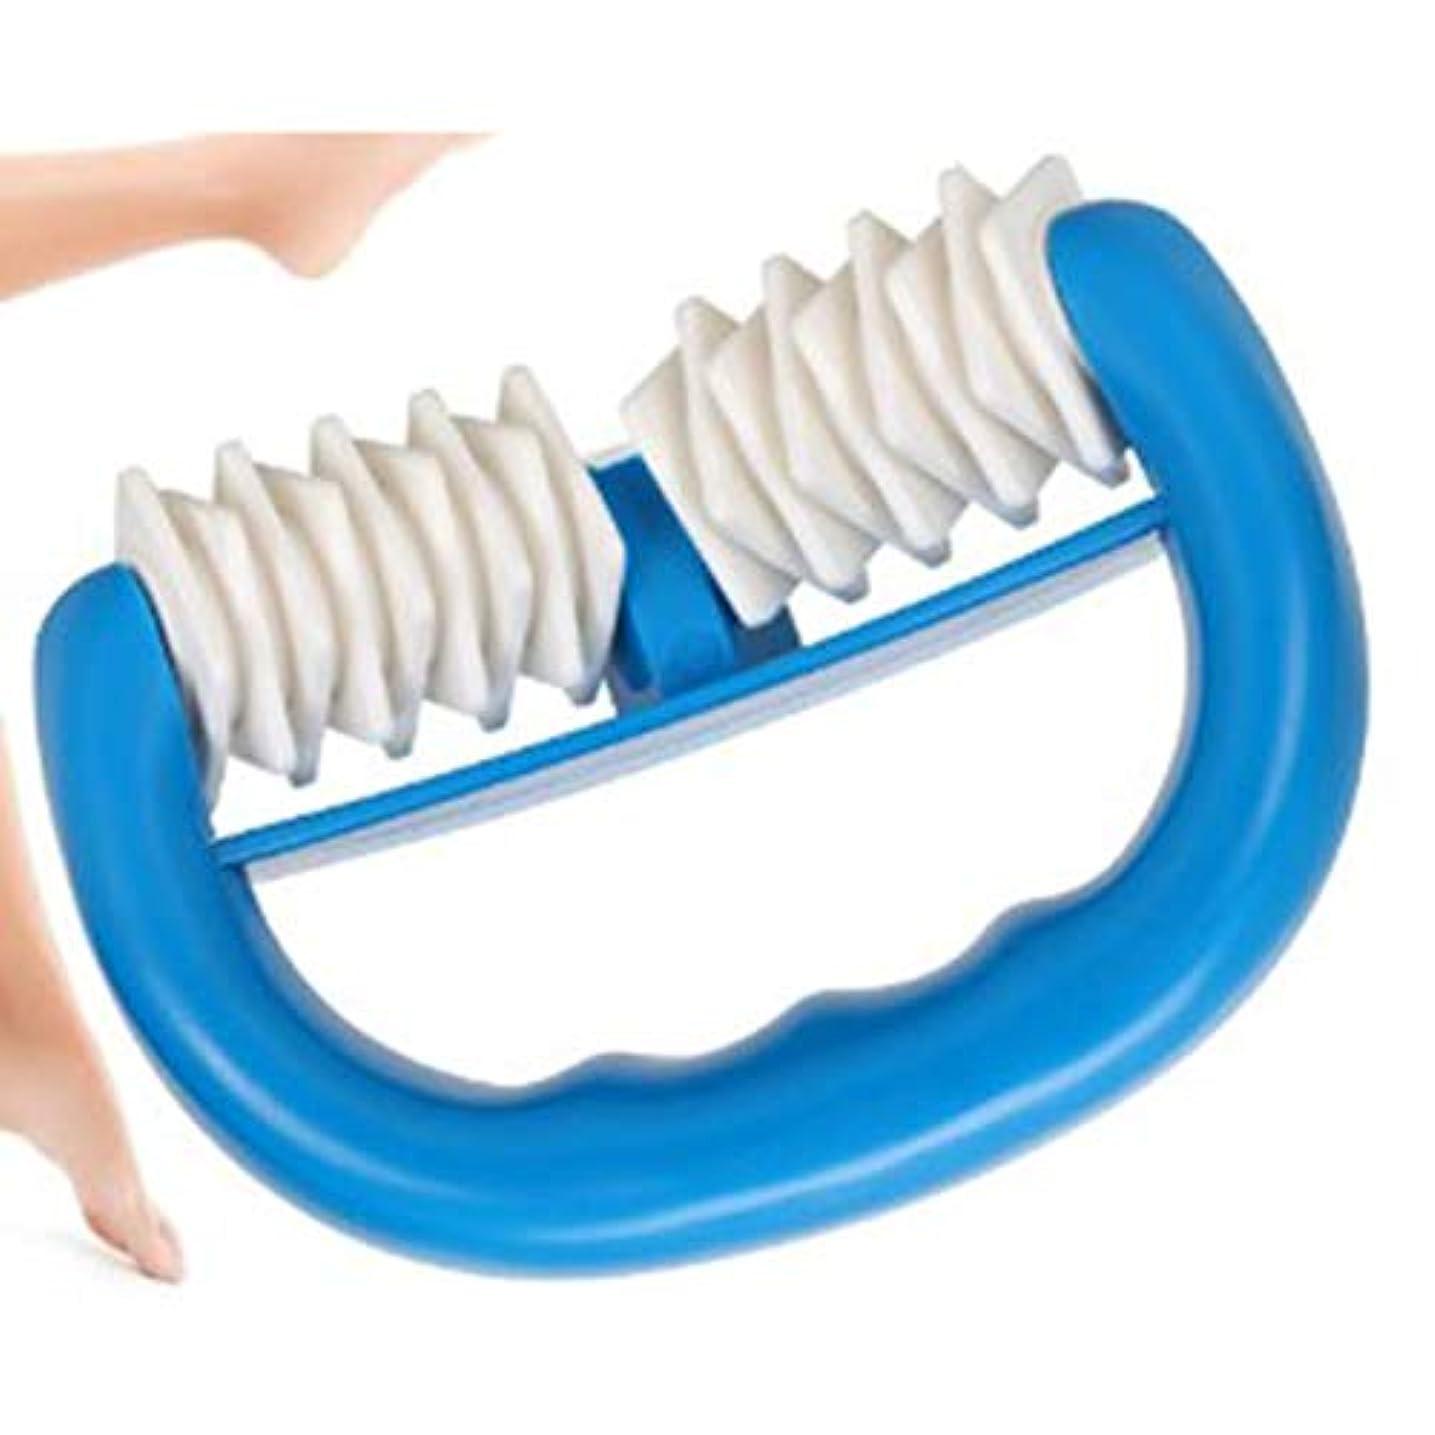 編集するピービッシュ結果Handheld Massage Body Roller for Relief Muscle Point Body Massage Stick Relief Stress Health Care Pressure Point Massager Tool